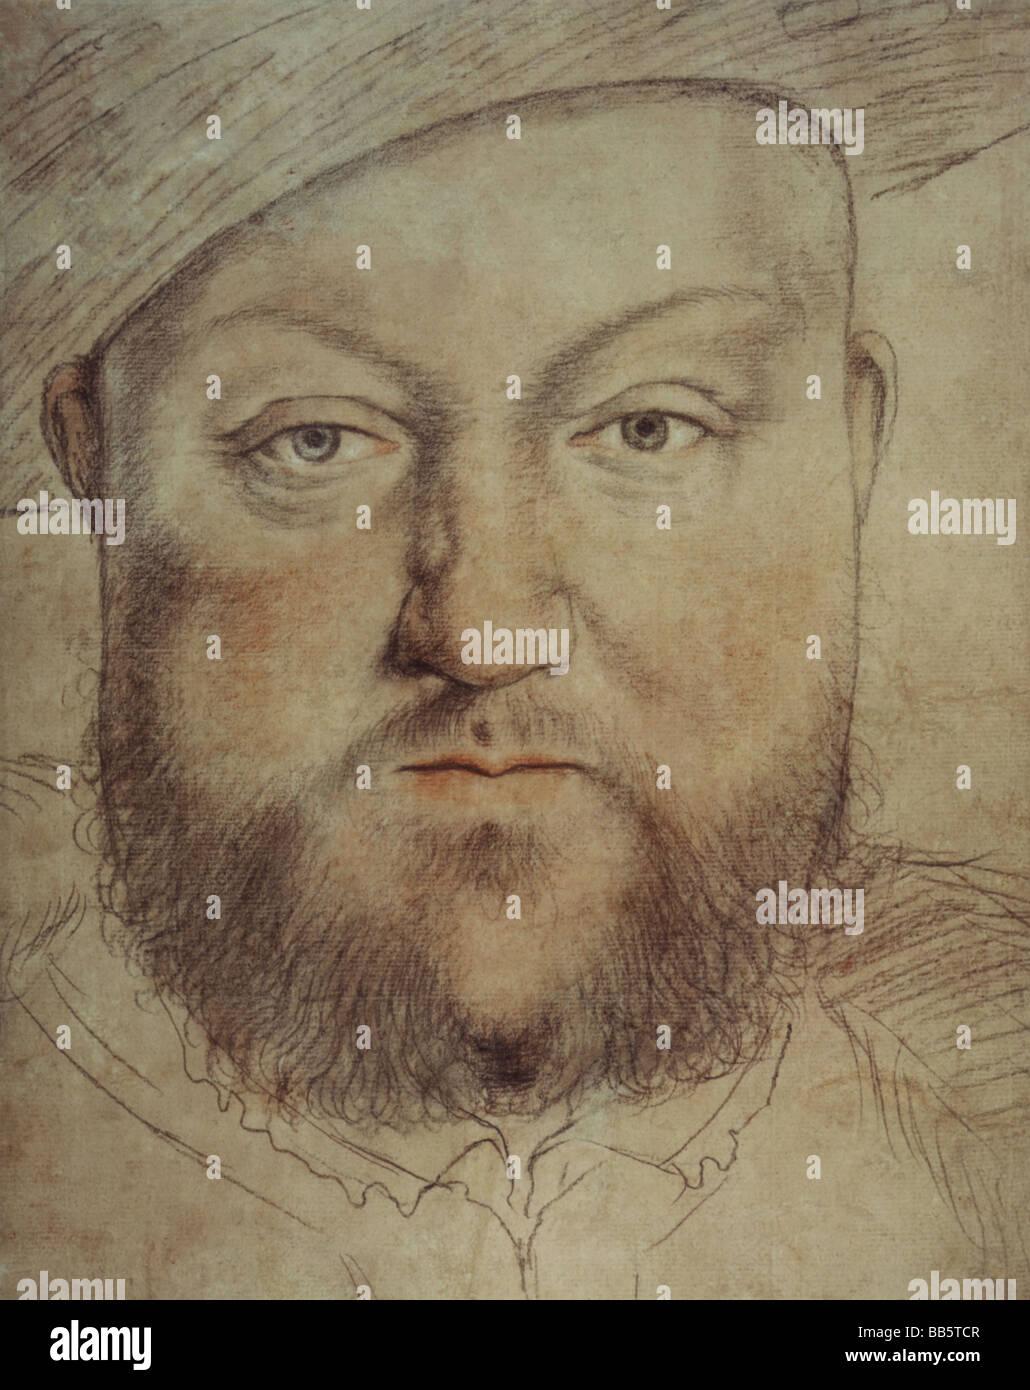 Henry VIII, 28.6.1491 - 28.1.1547, le roi d'Angleterre depuis 1509, portrait, peinture de Hans Holbein le Jeune (1497 - 1543), auteur de l'artiste n'a pas à être effacée Banque D'Images